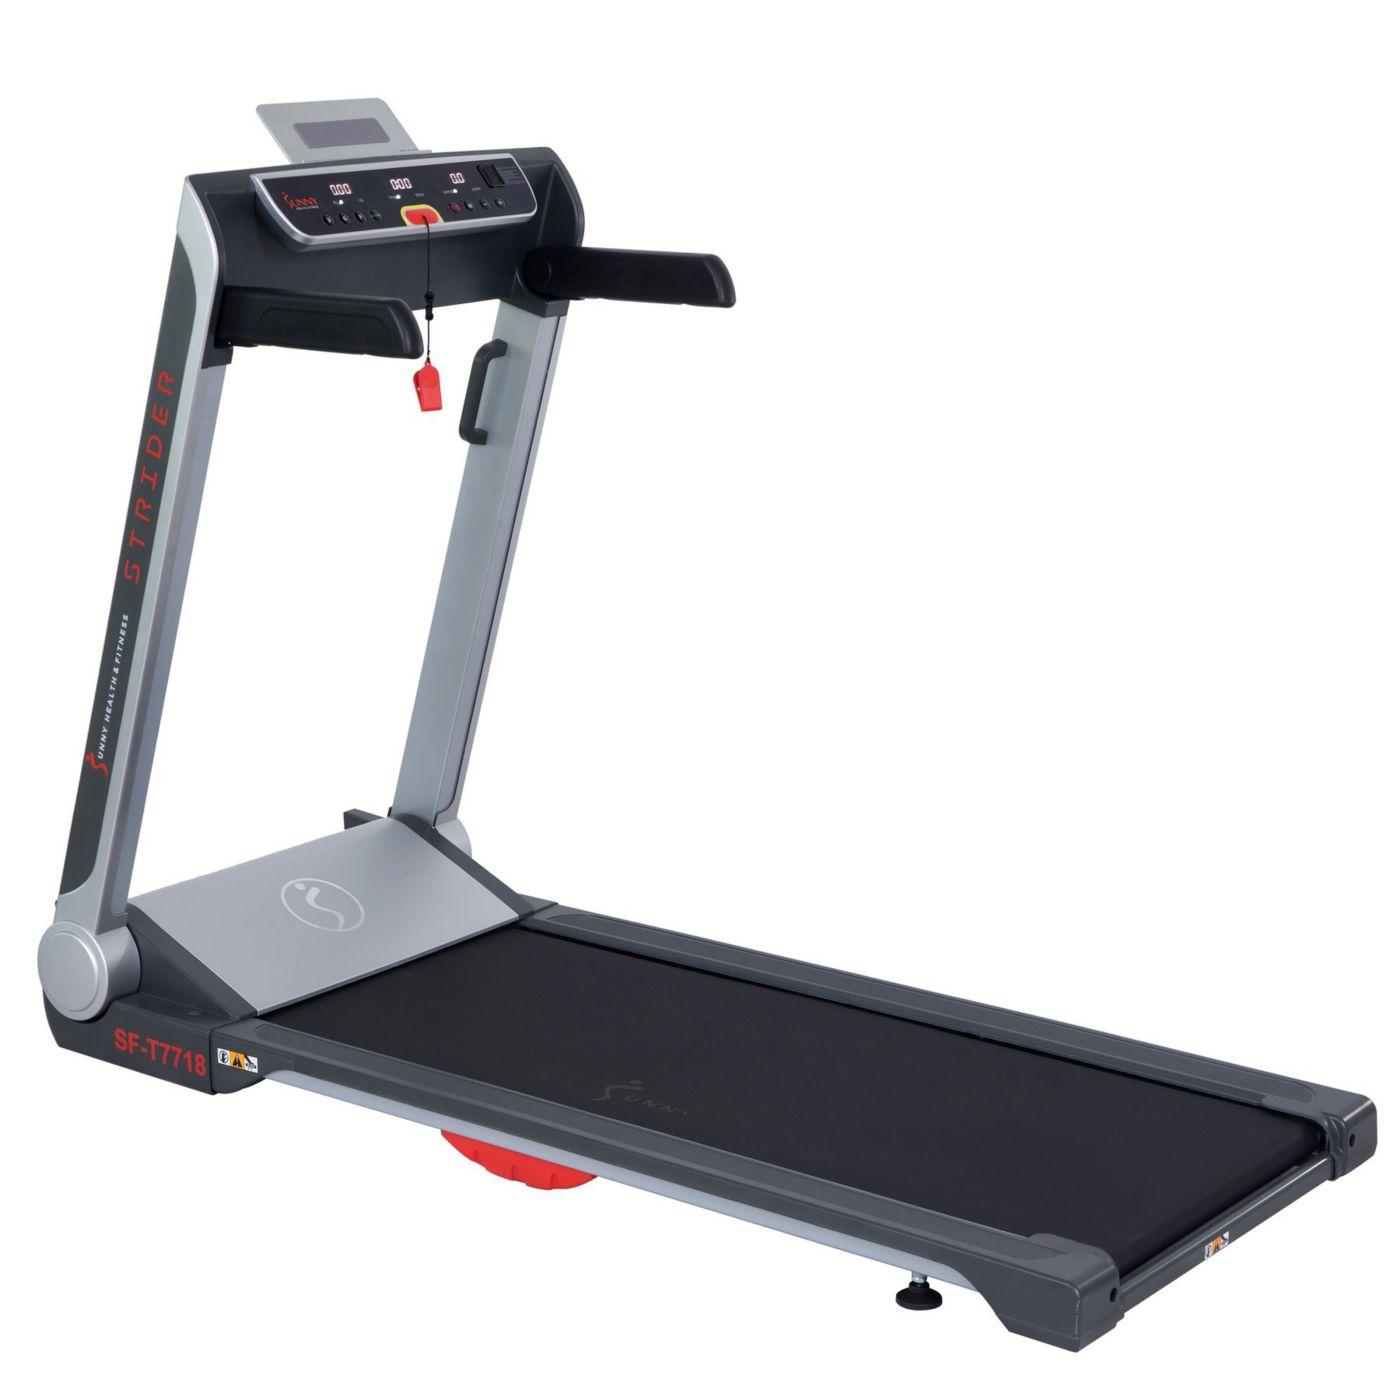 Sunny Health & Fitness SF-T7718 Motorized Folding Treadmill